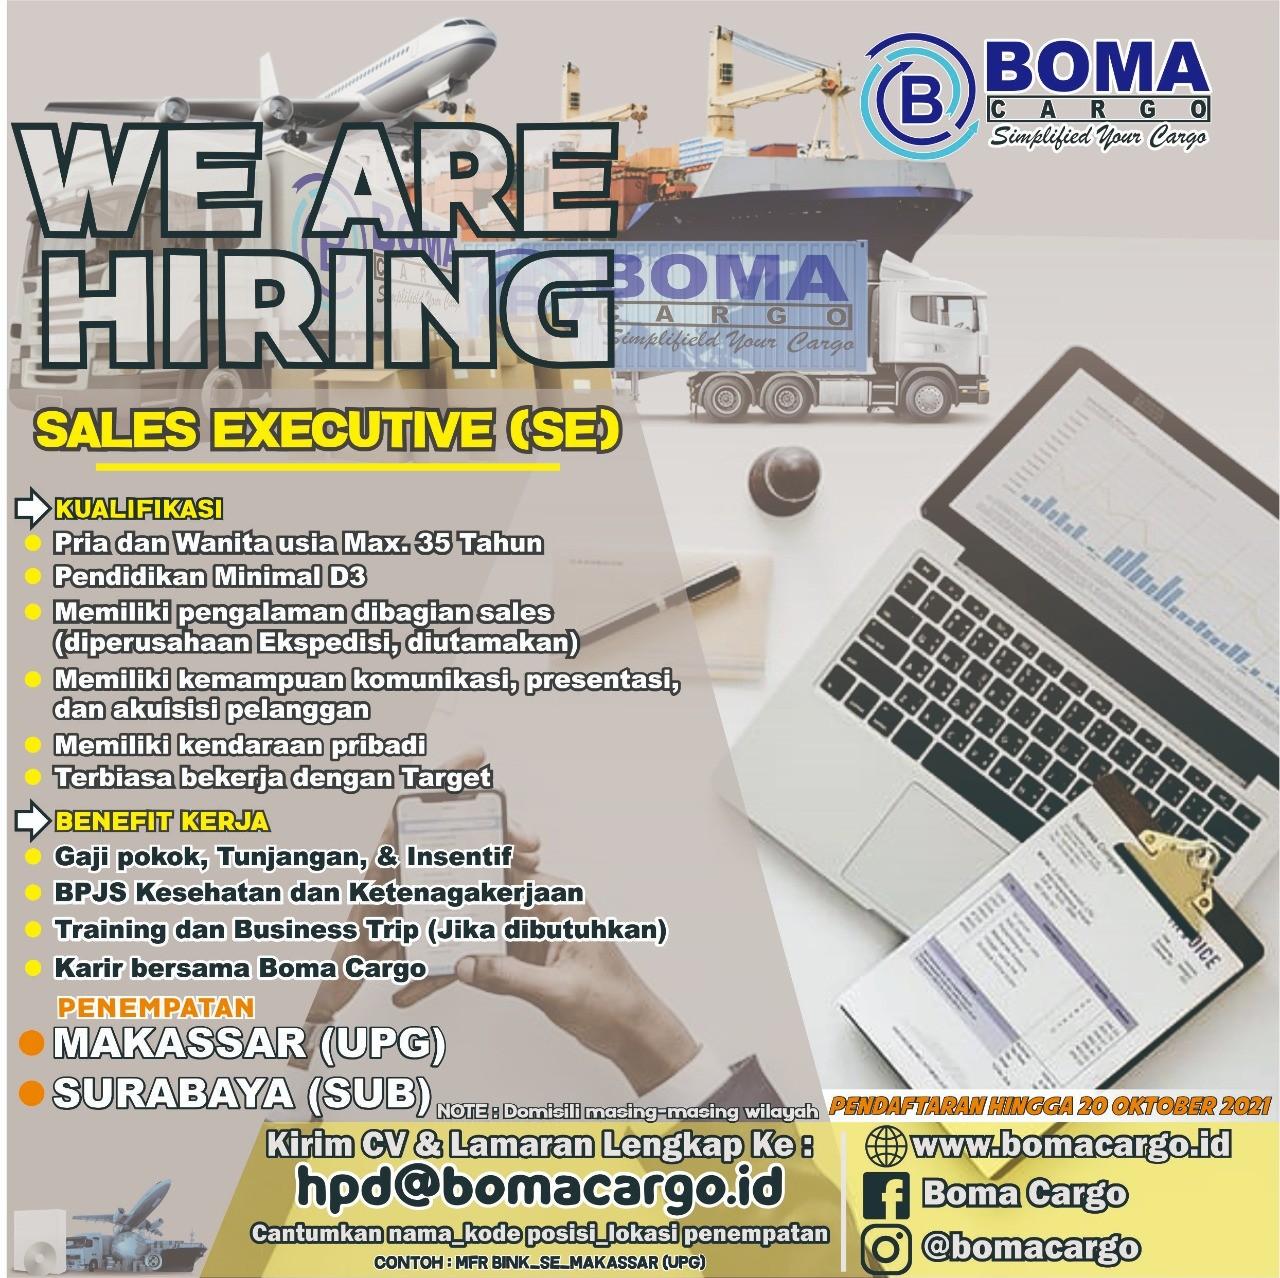 >We Are Hiring ! - Boma Cargo SUB & UPG